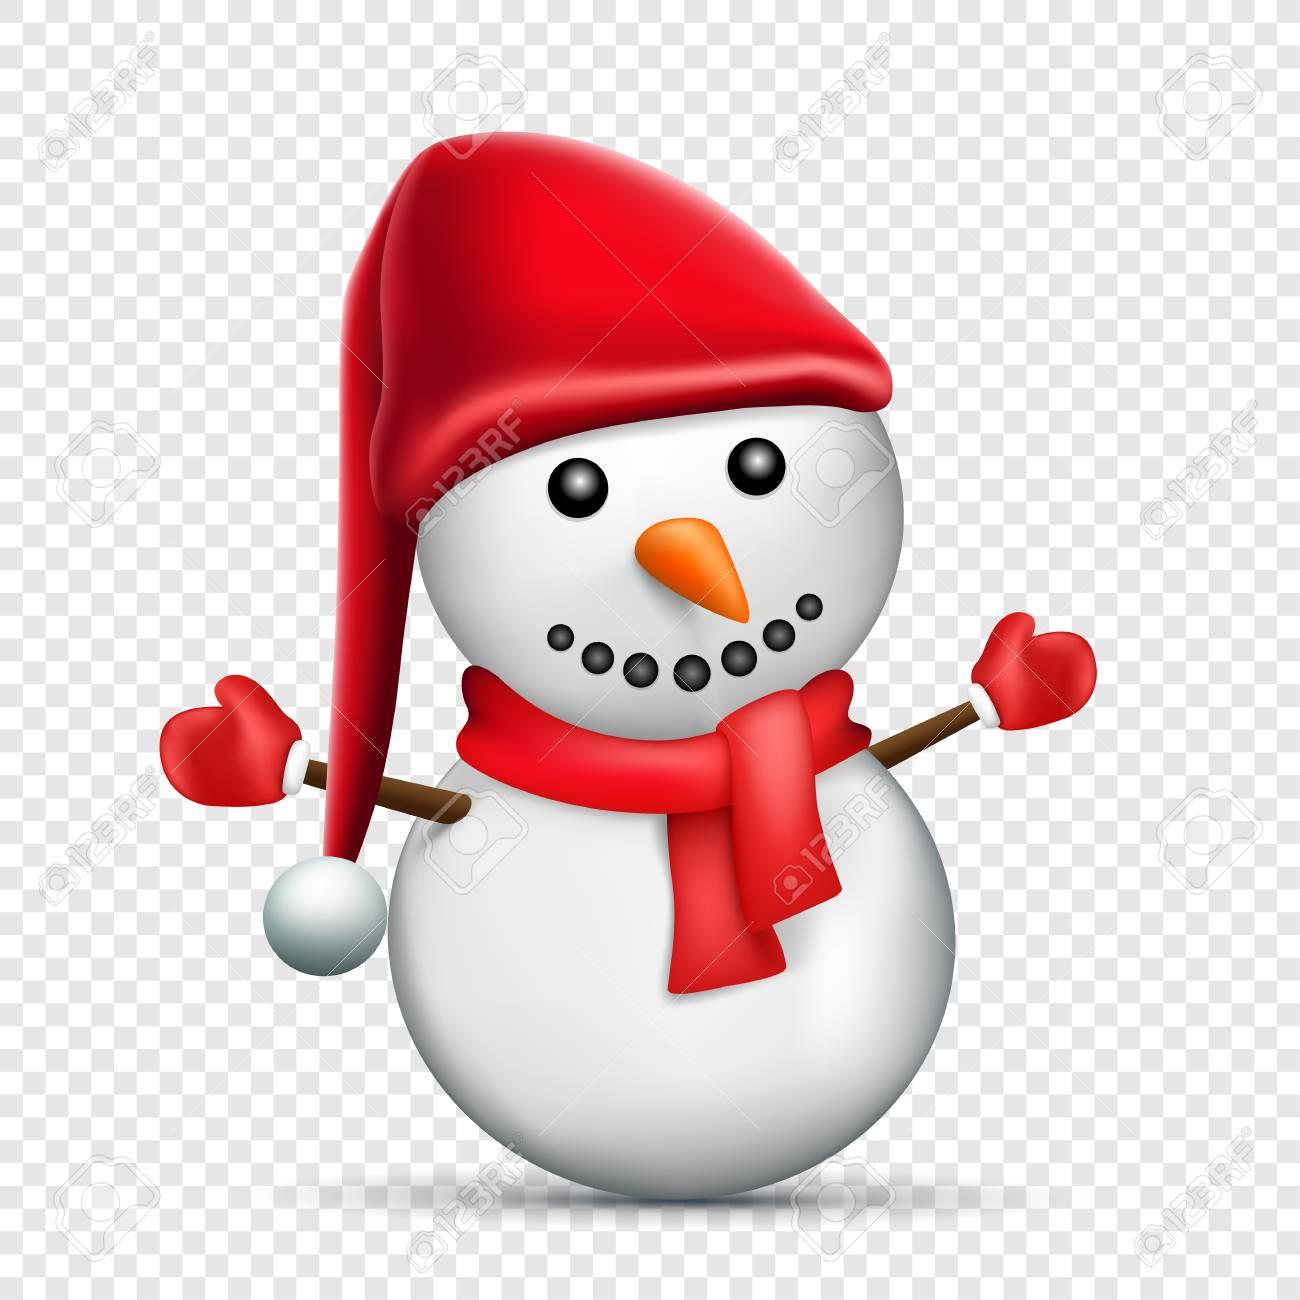 Snowman Transparent & Free Snowman Transparent.png.